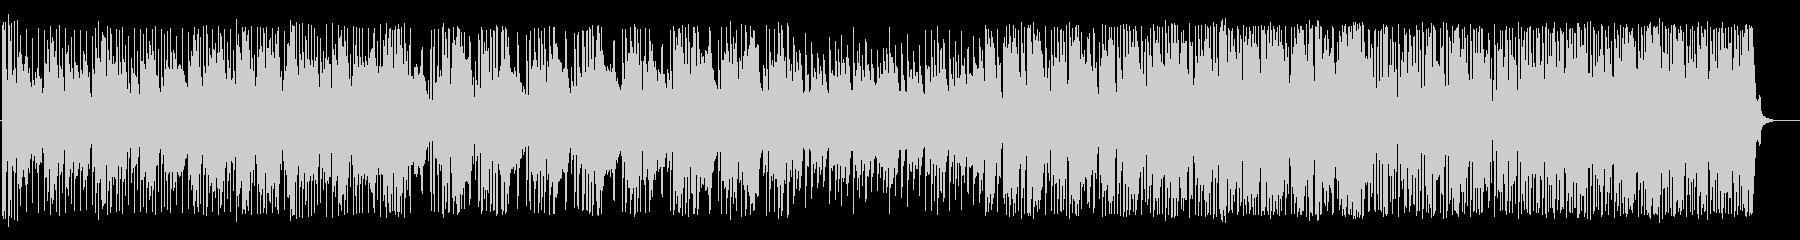 コミカルで未来的・のんびり明るいBGMの未再生の波形